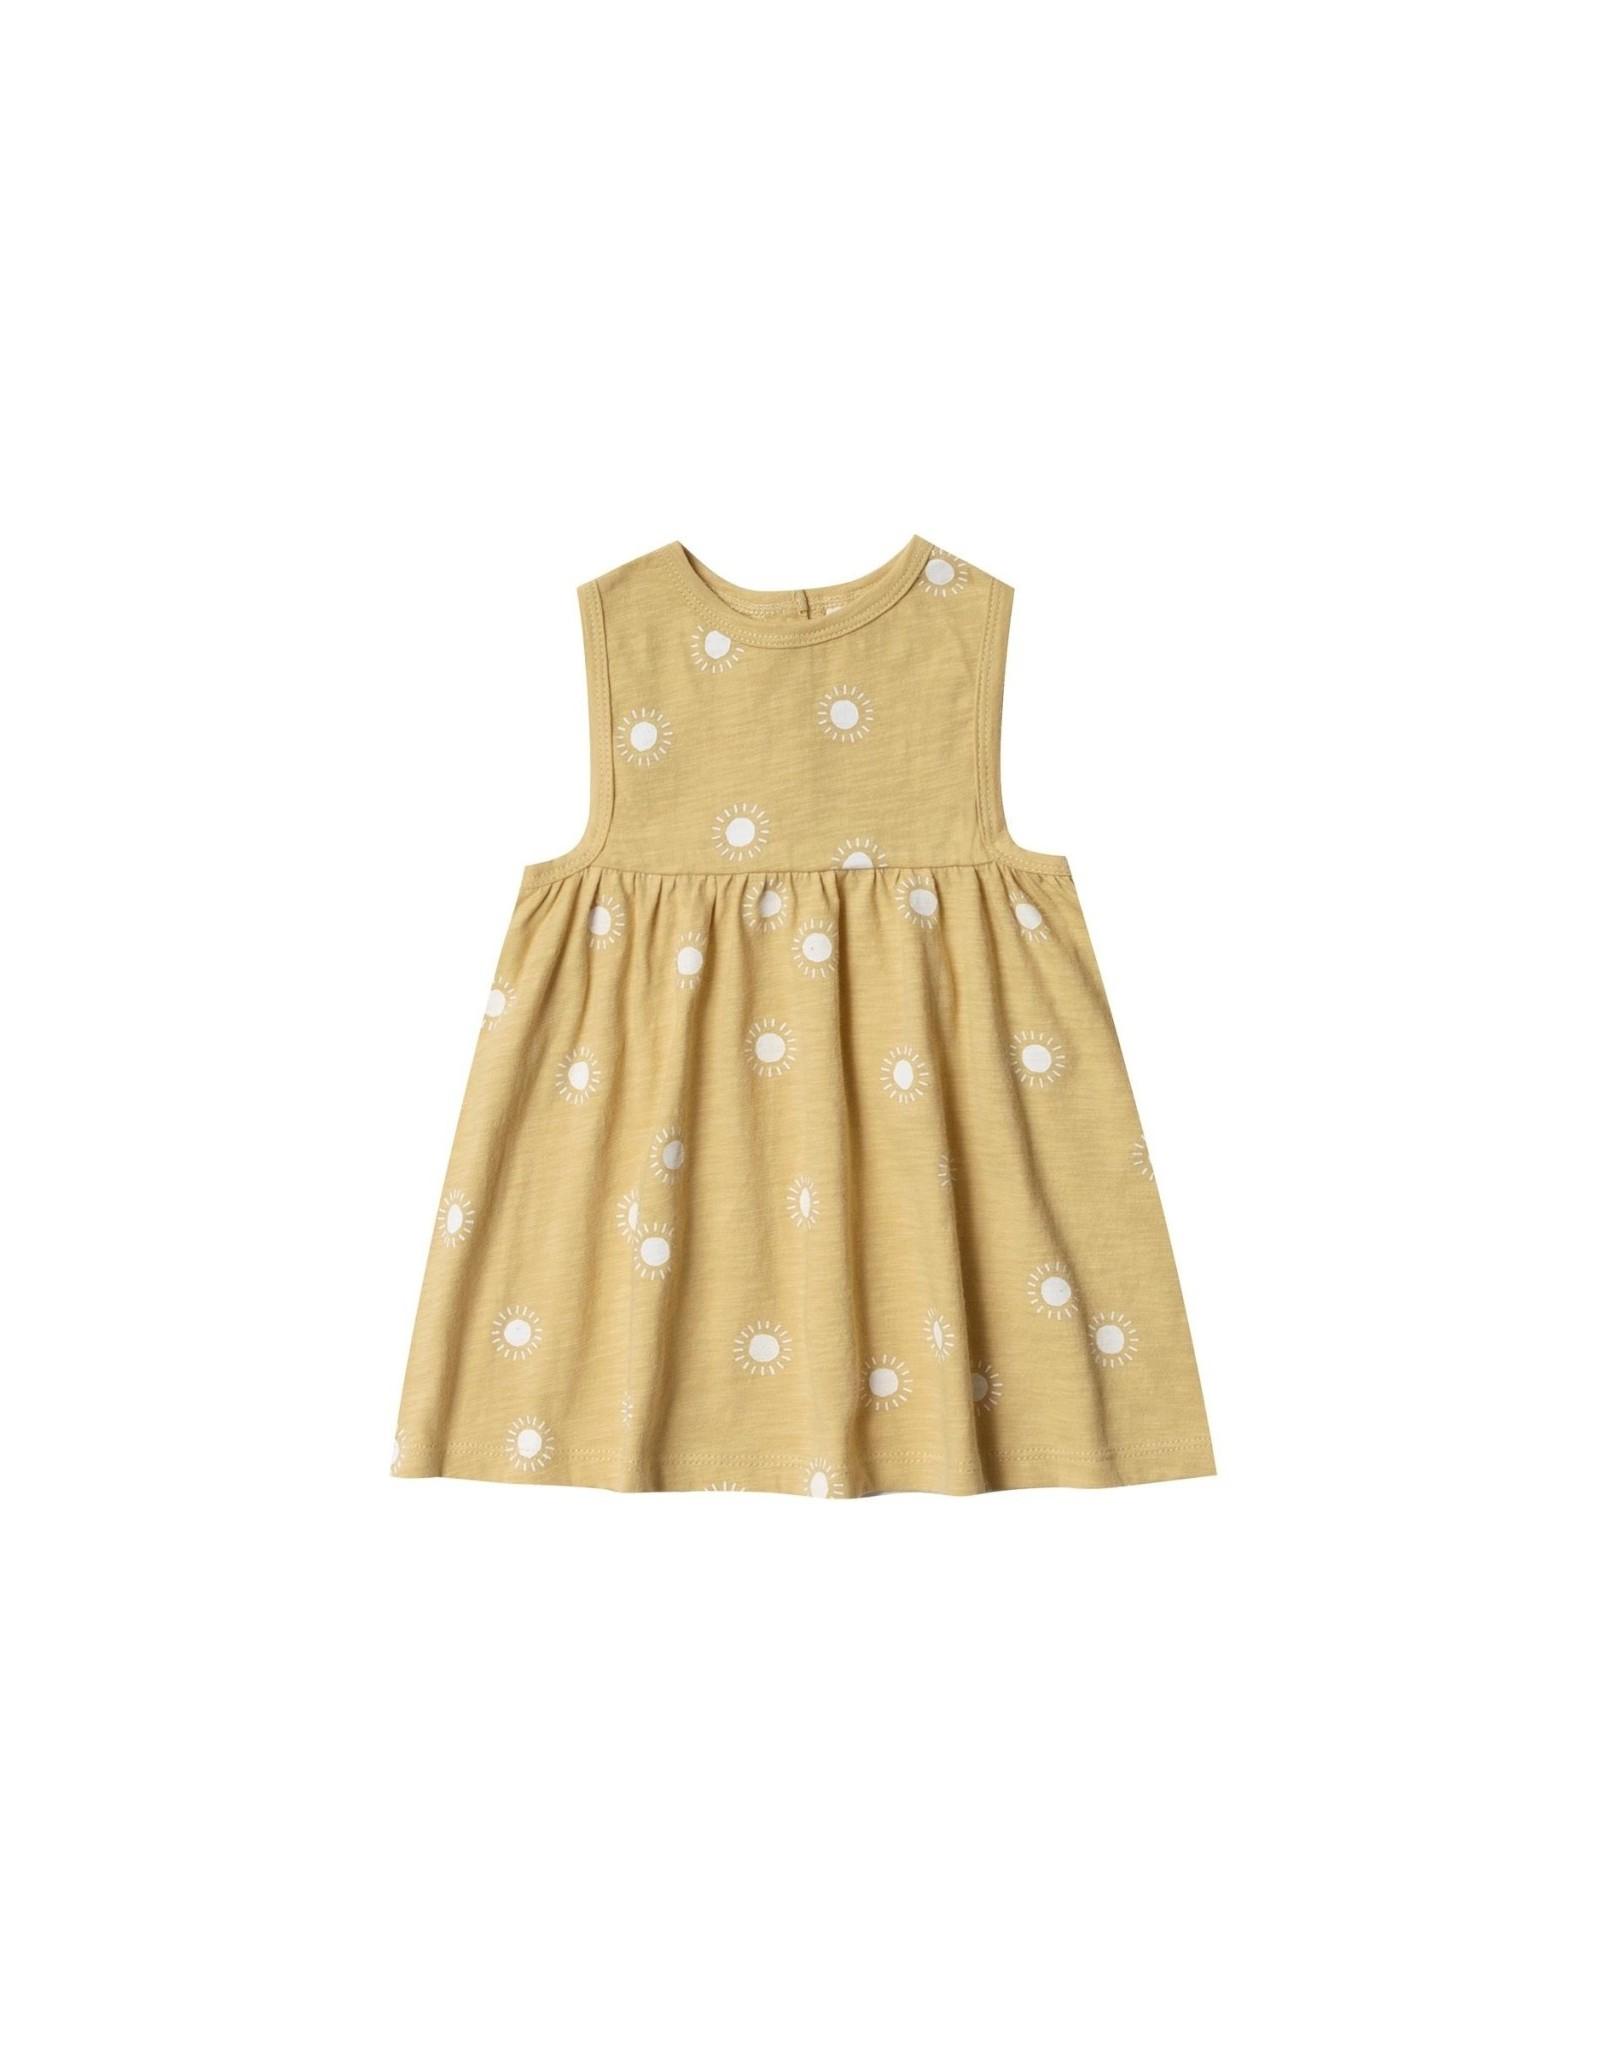 Rylee and Cru sunburst layla dress